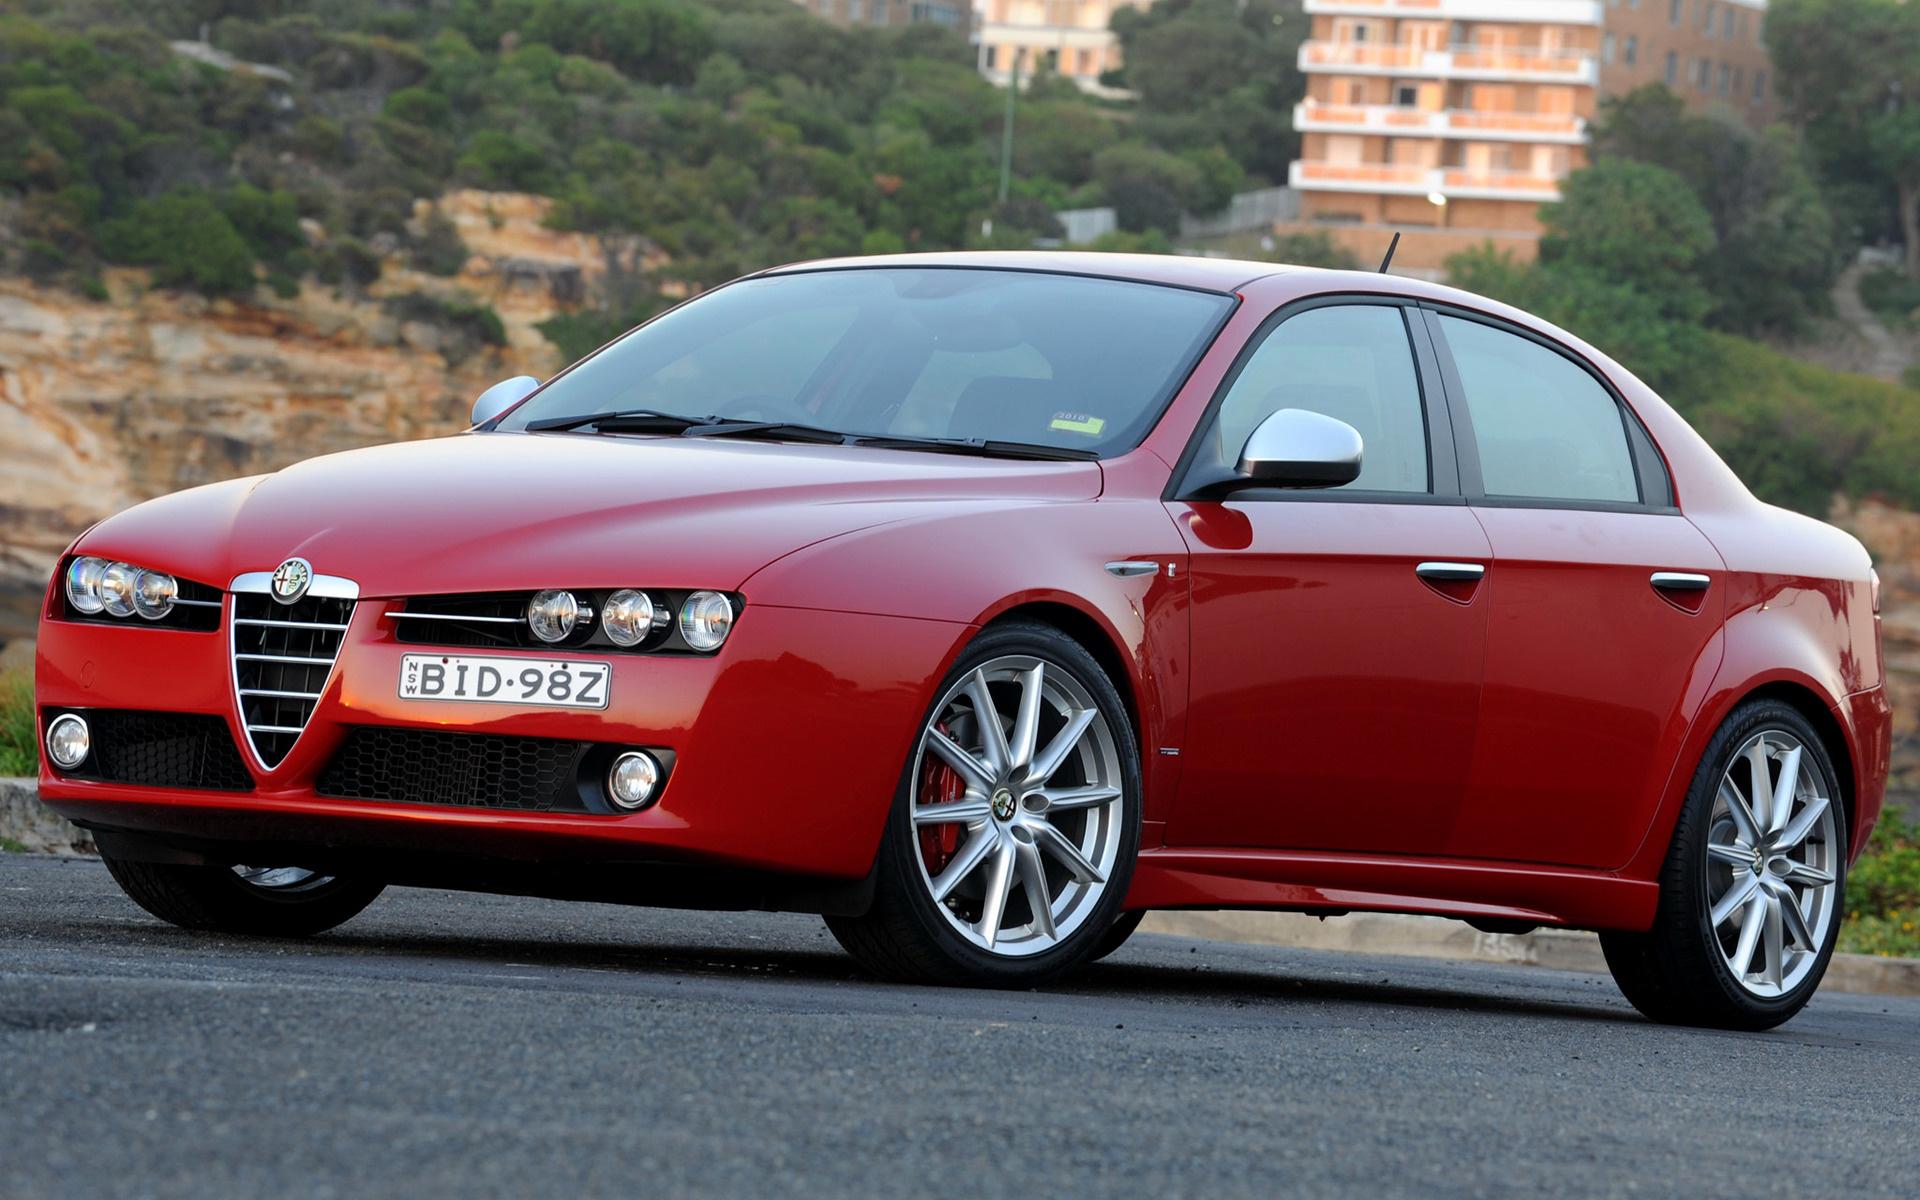 Alfa Romeo 159 Ti (2007) AU Wallpapers and HD Images - Car Pixel